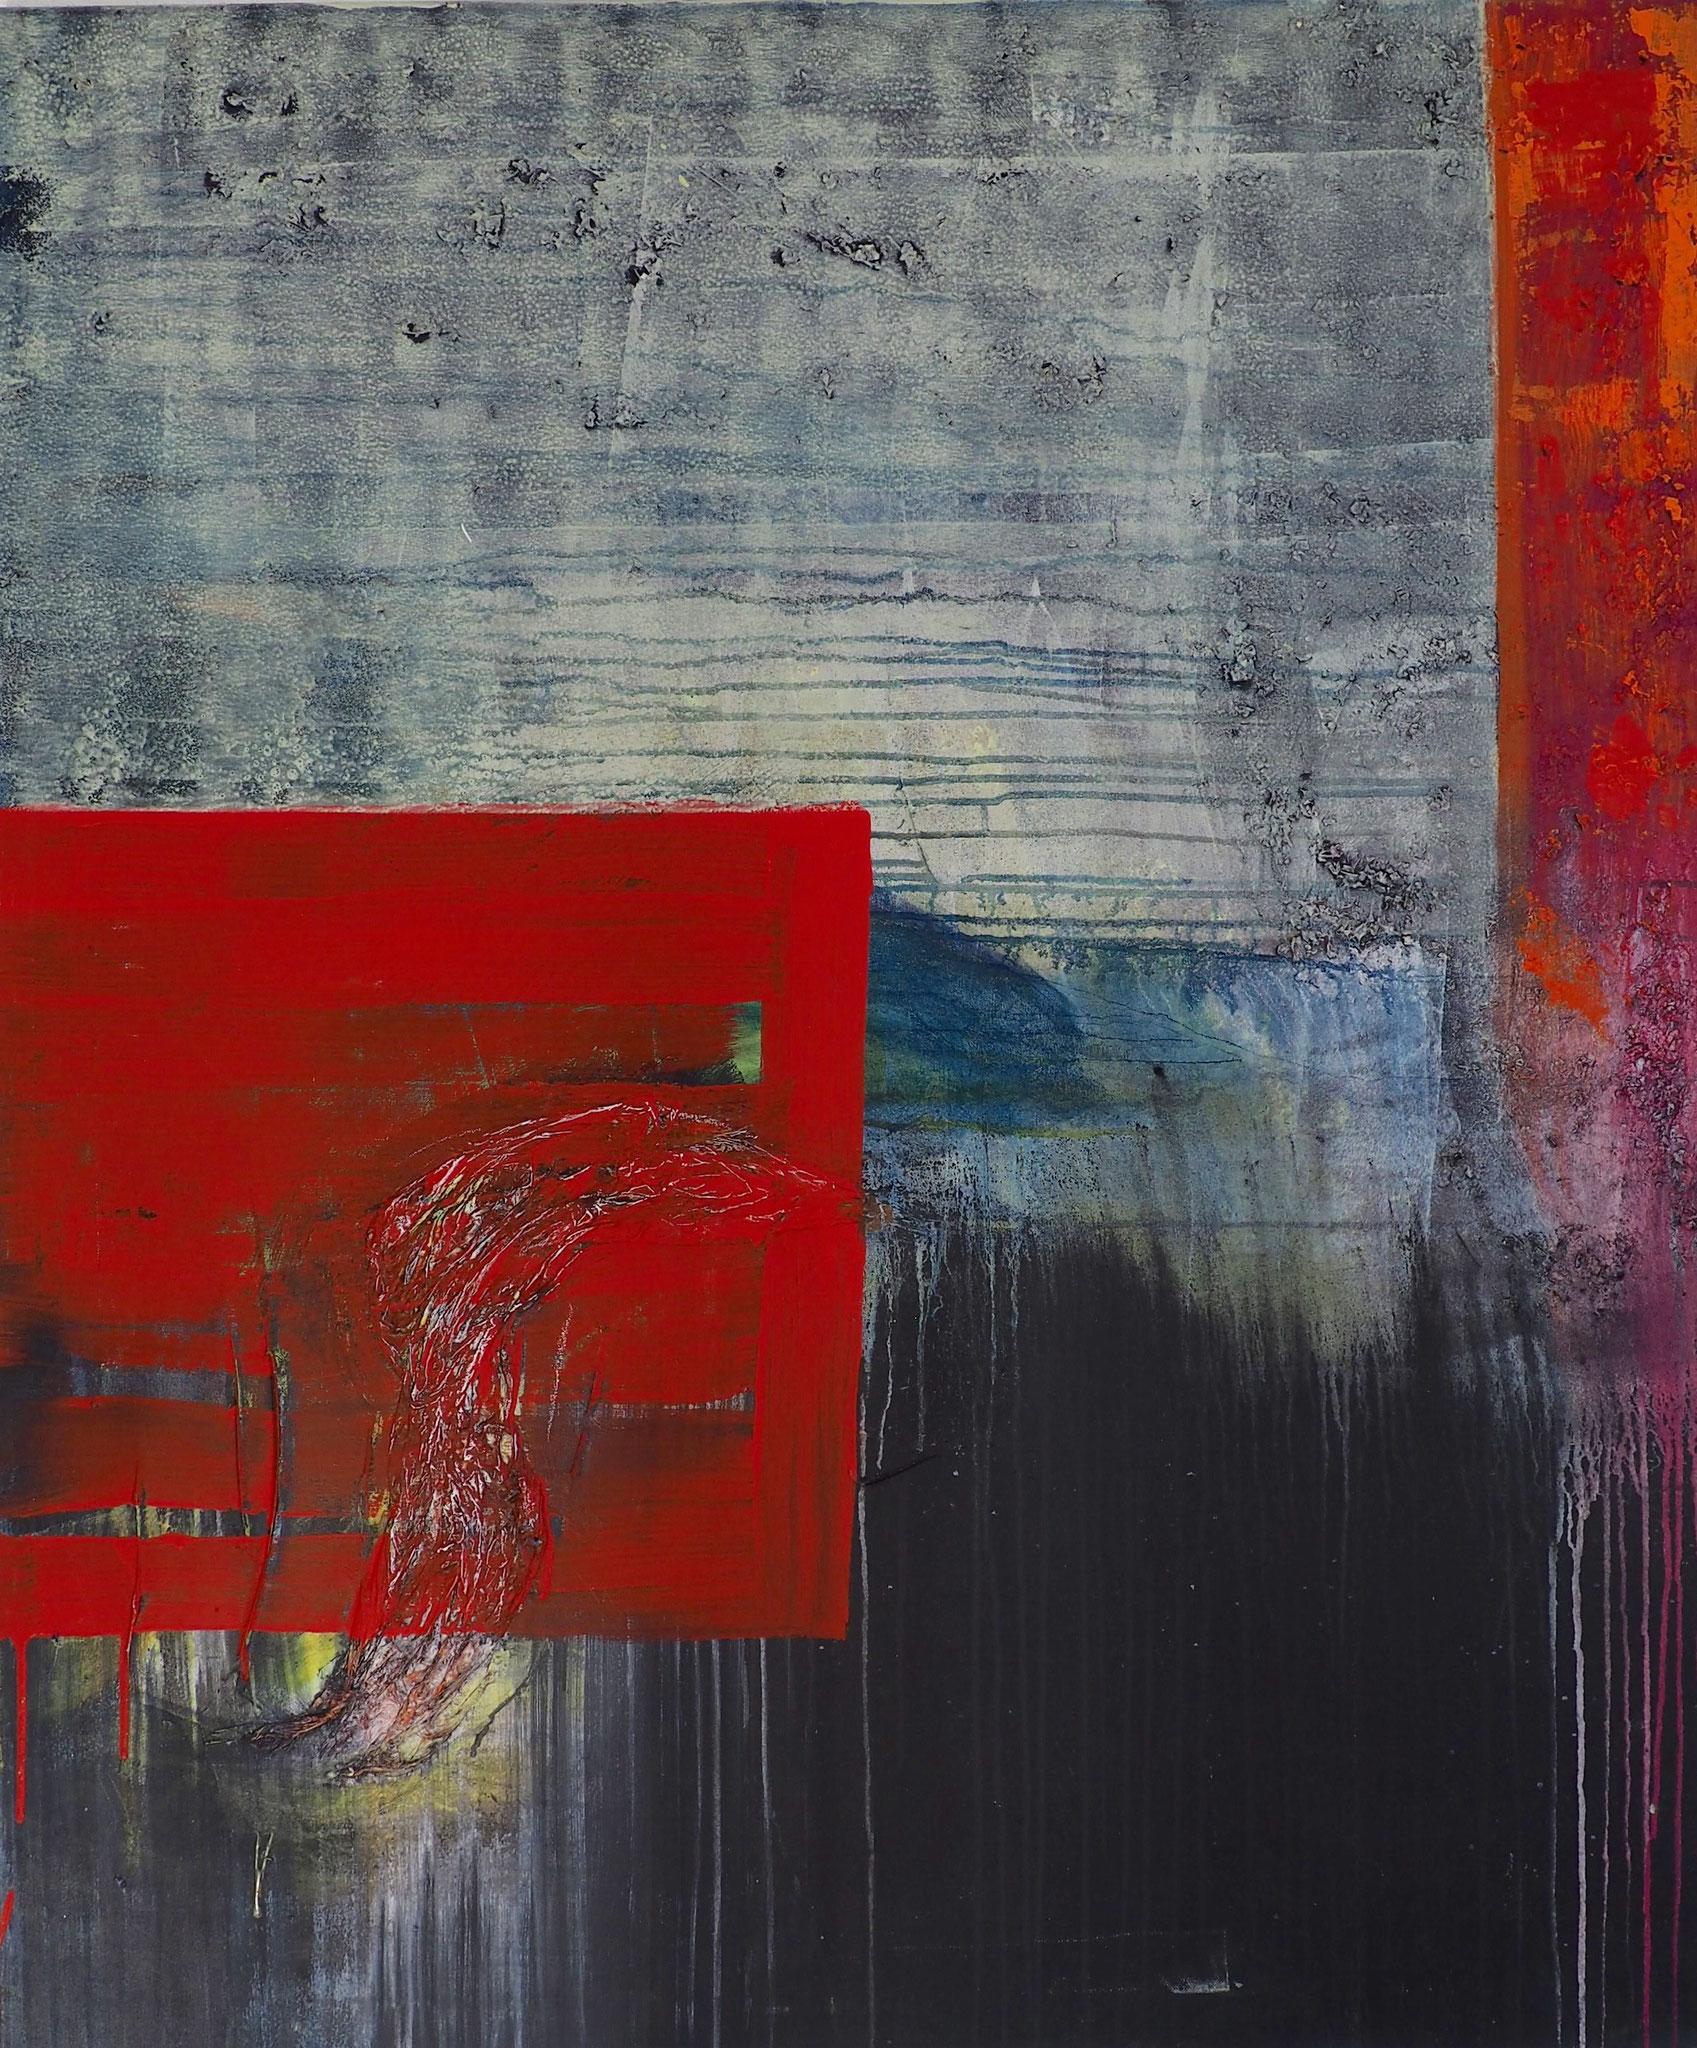 rotes Viereck - 100 x 120 cm, Acryl-Mischtechnik